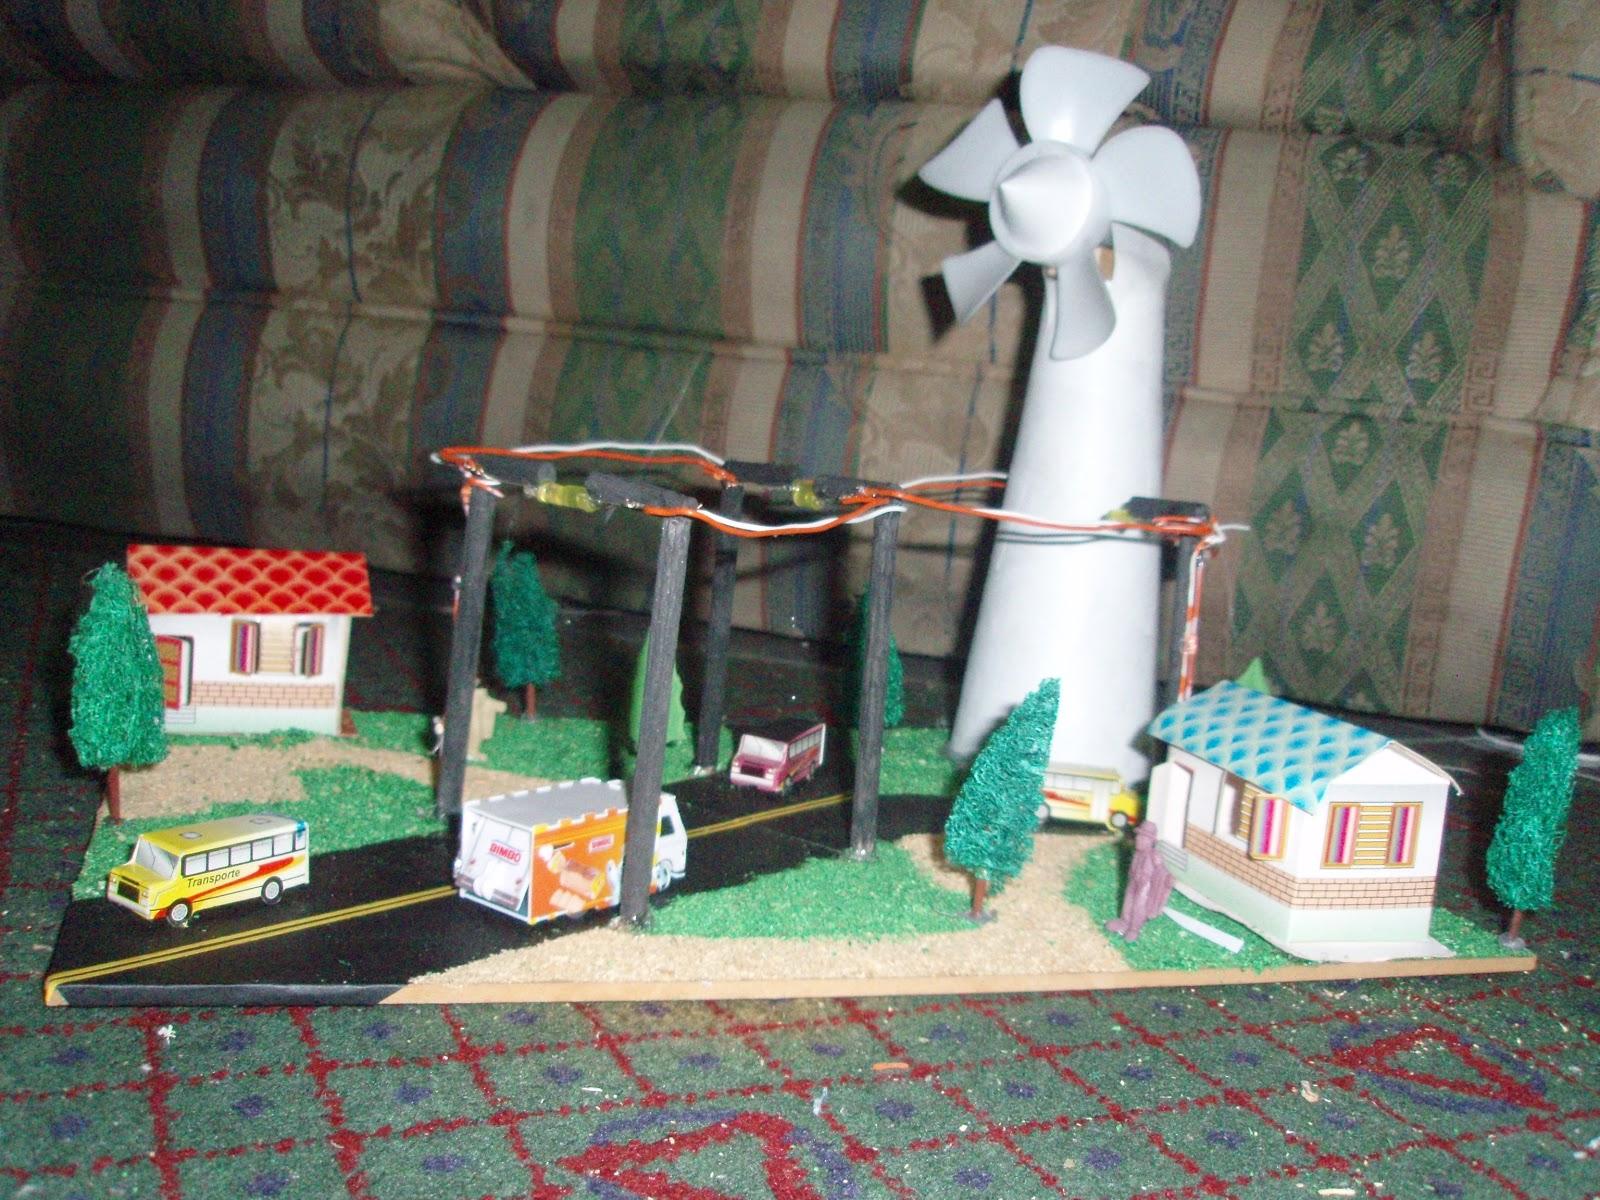 El blog de juli 2012 11 18 - Como se limpia una casa ...